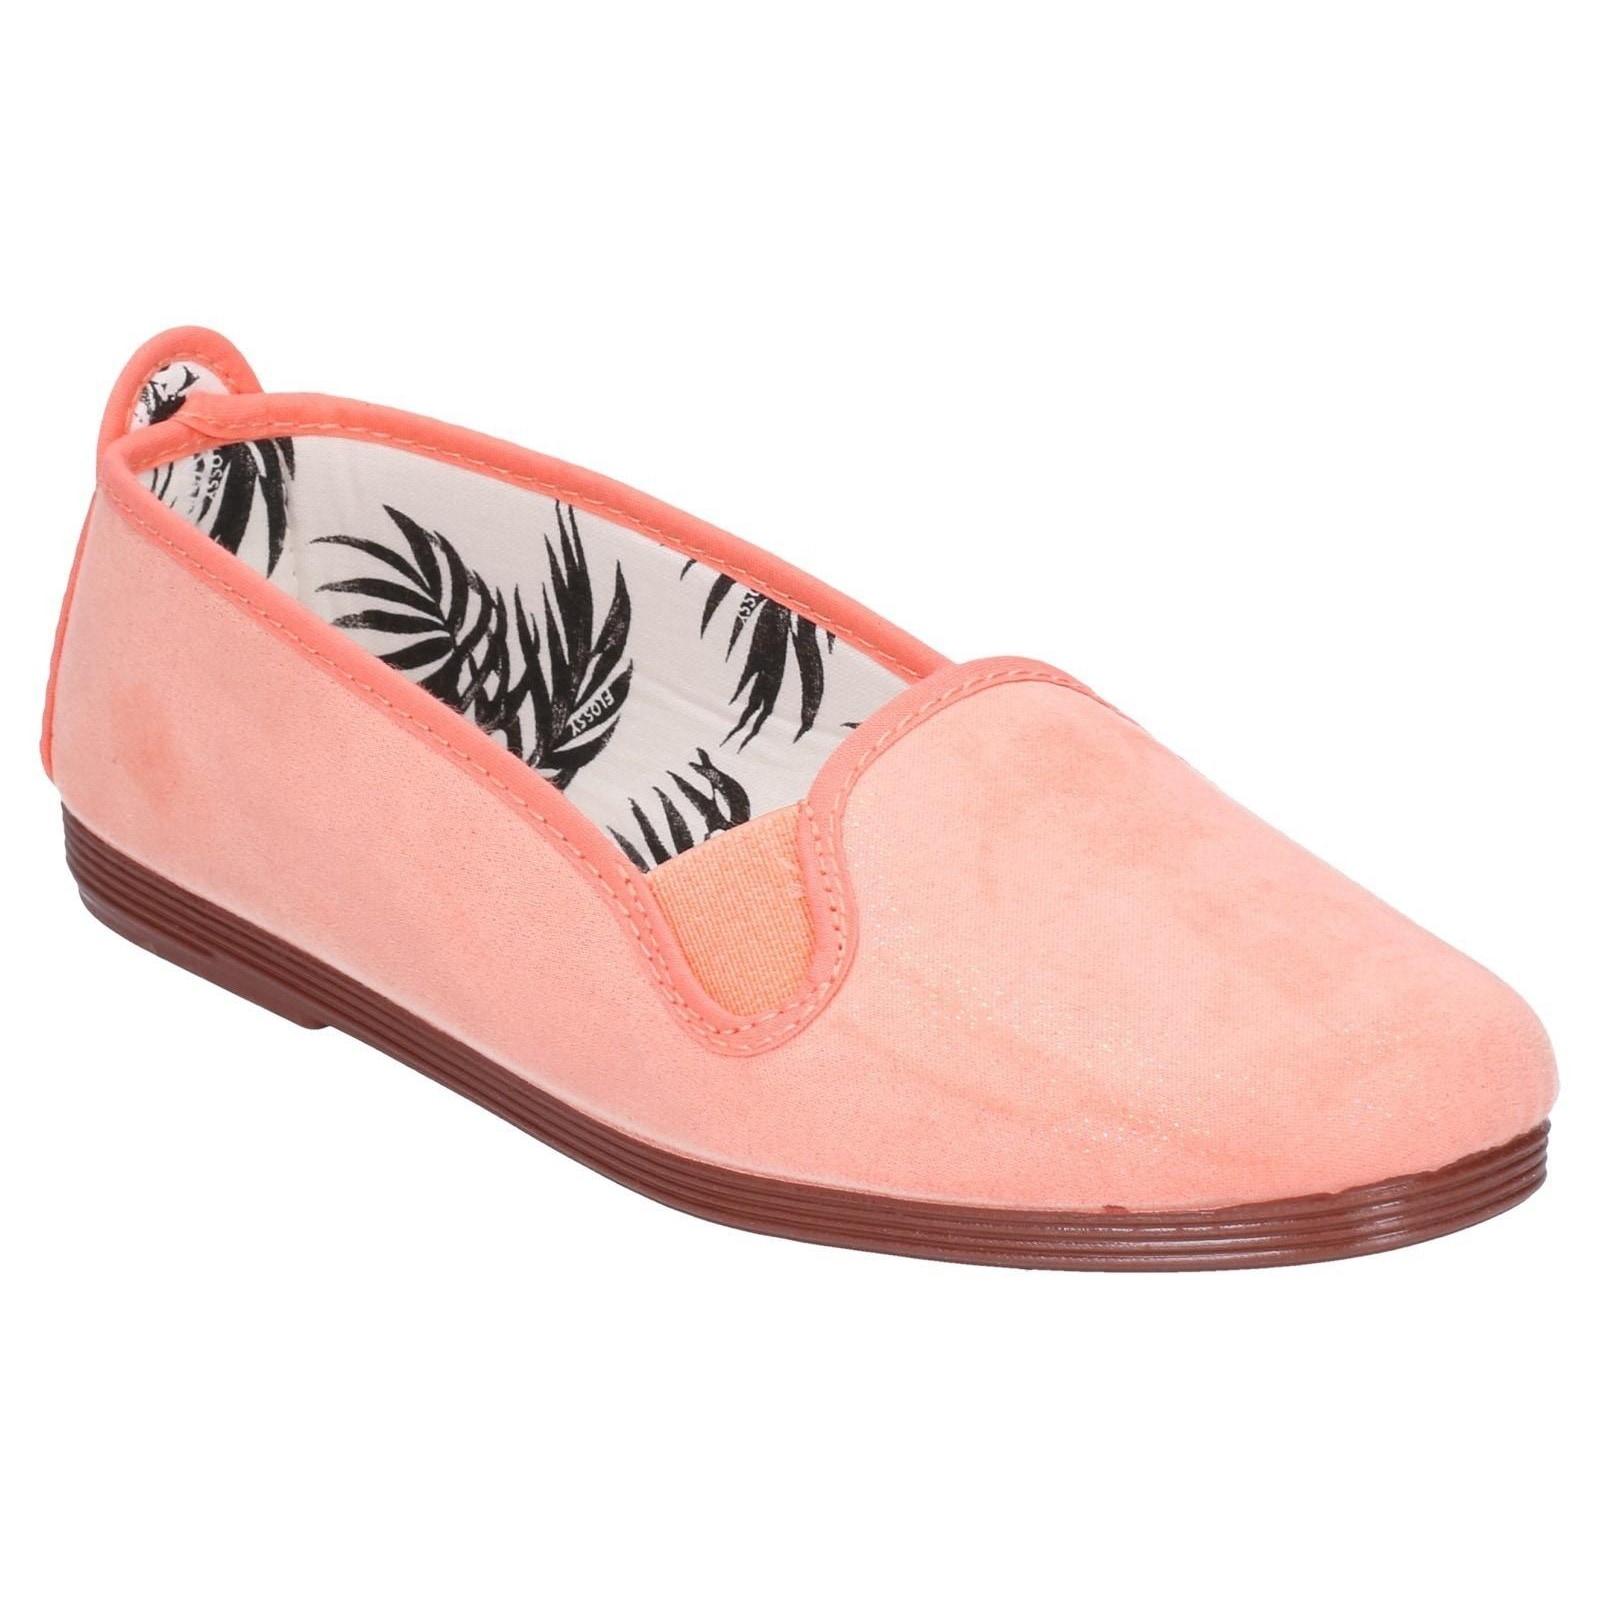 flossy -  Slipper Damen Dosier Slip On Schuh